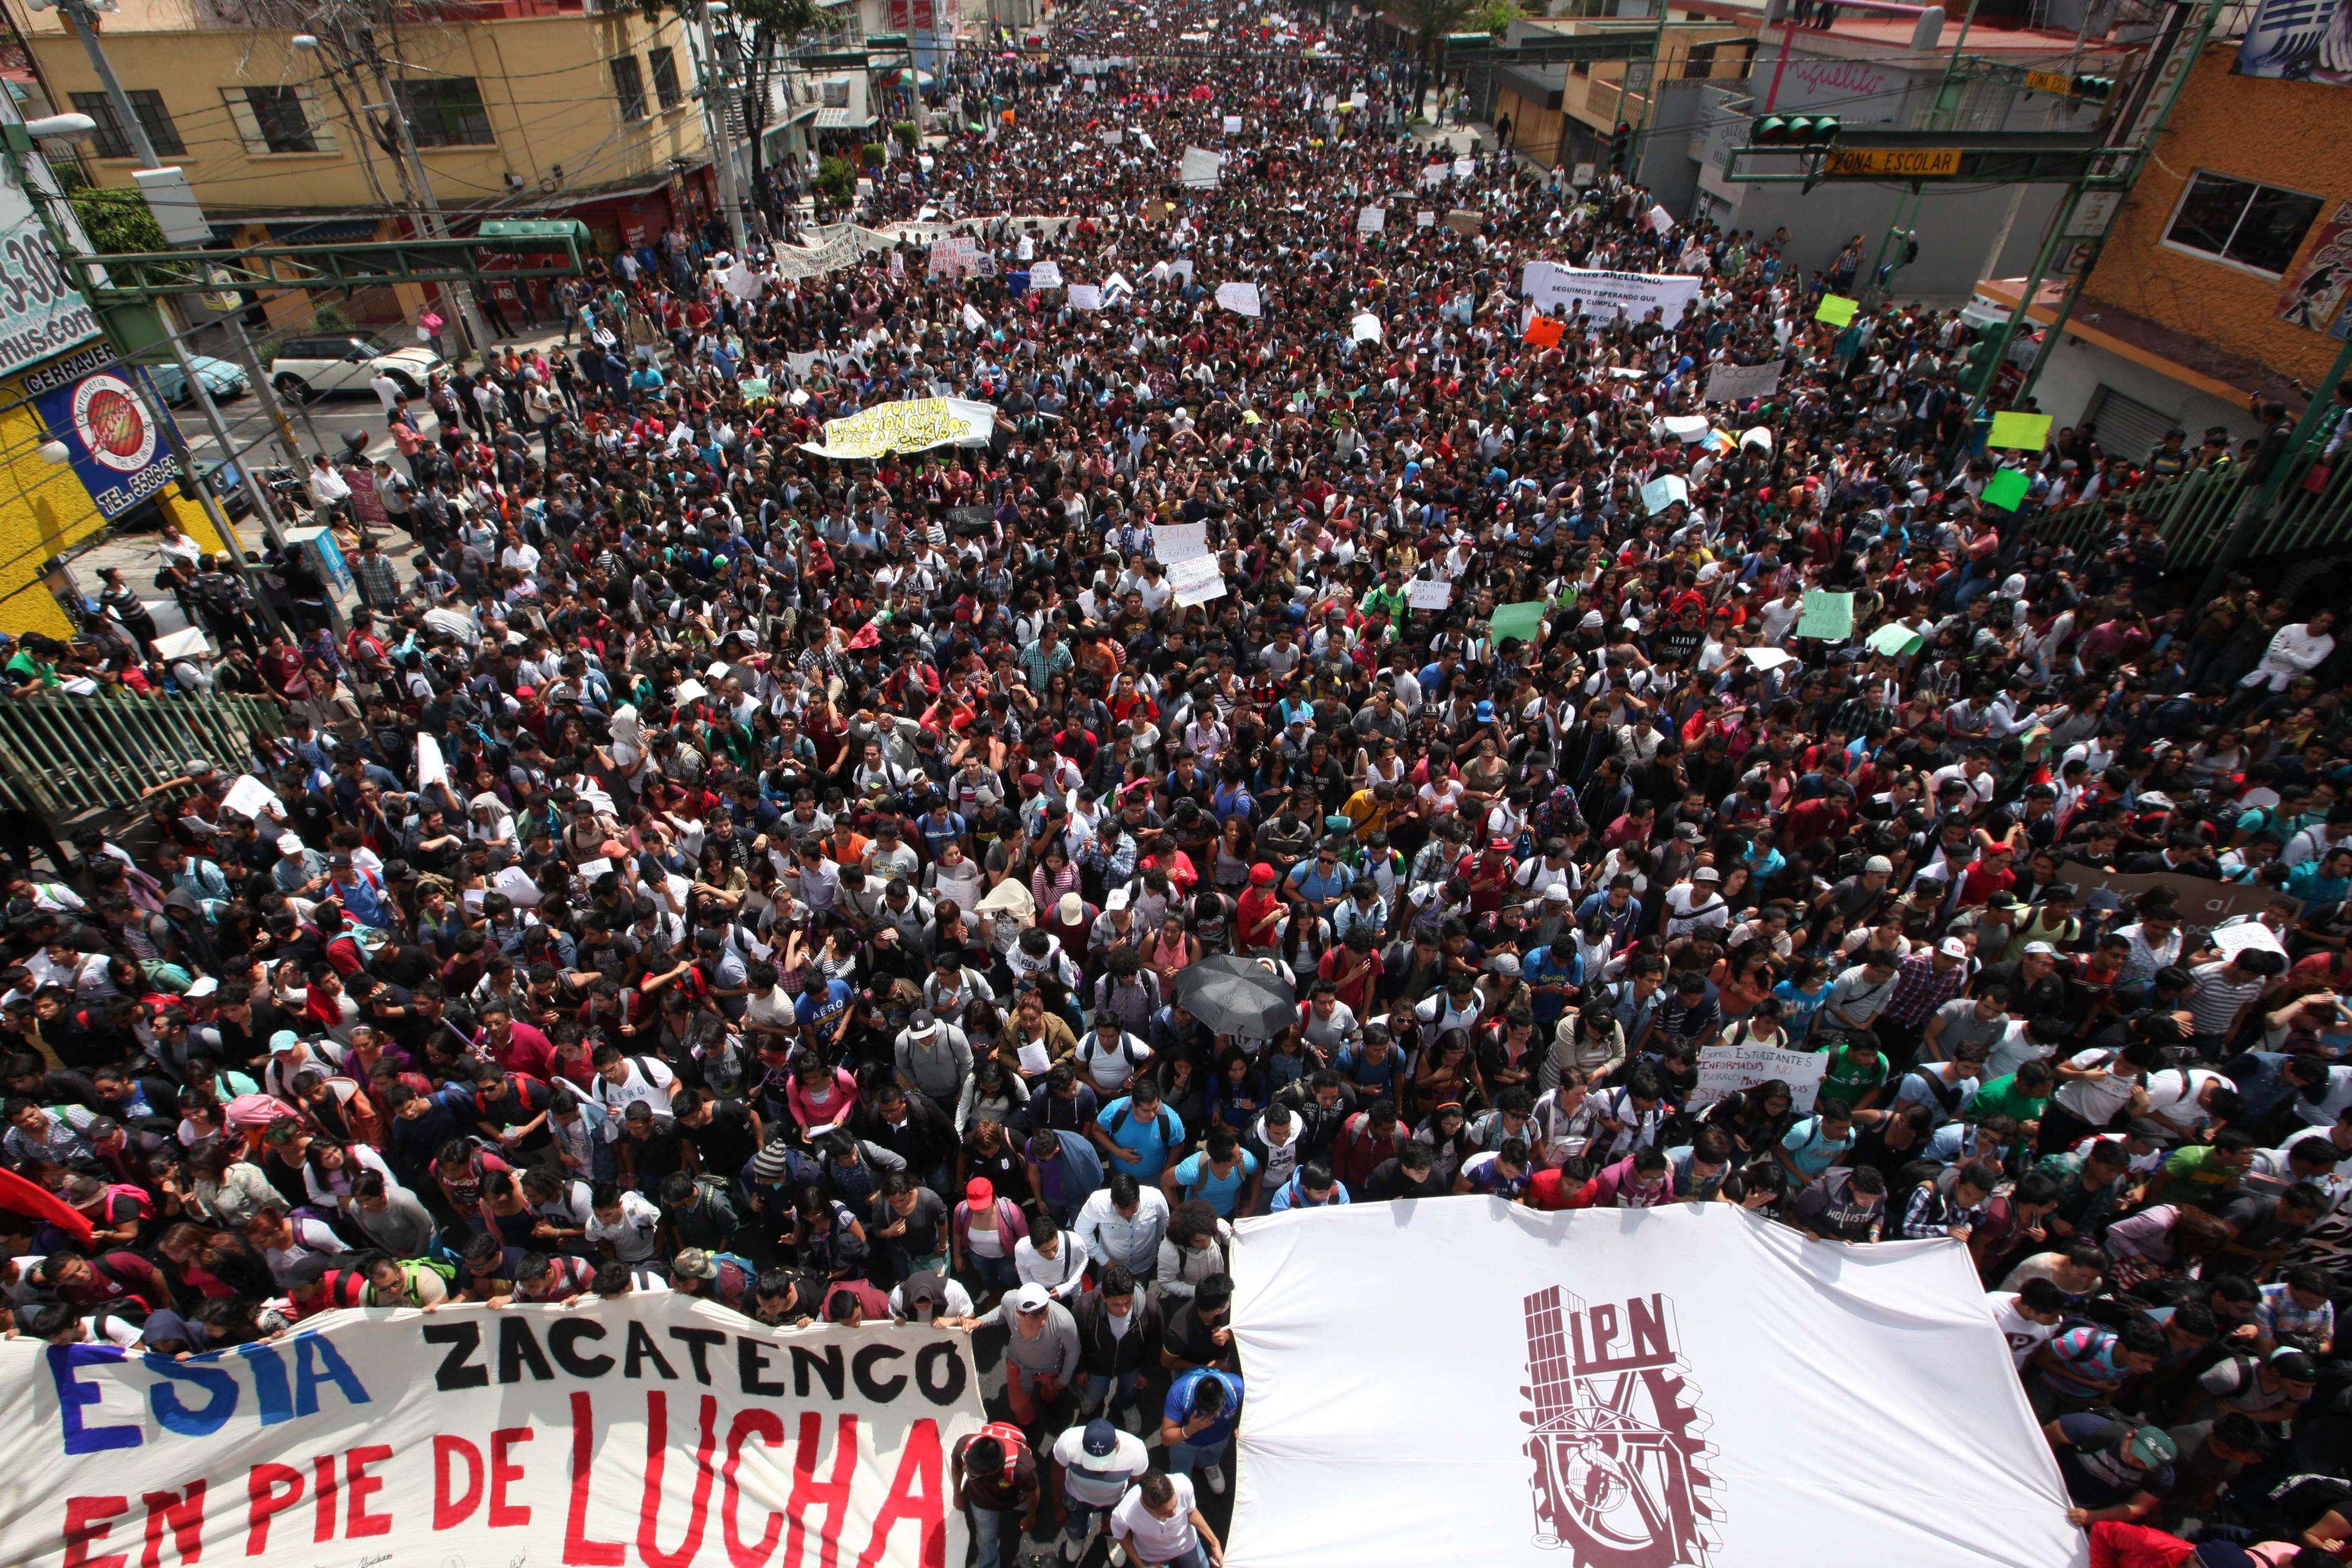 Estudiantes del Instituto Politécnico Nacional, (IPN), tomaron las calles del Distrito Federal para protestar contra una reforma al Reglamento Interno de esa casa de estudios. Foto: Terra